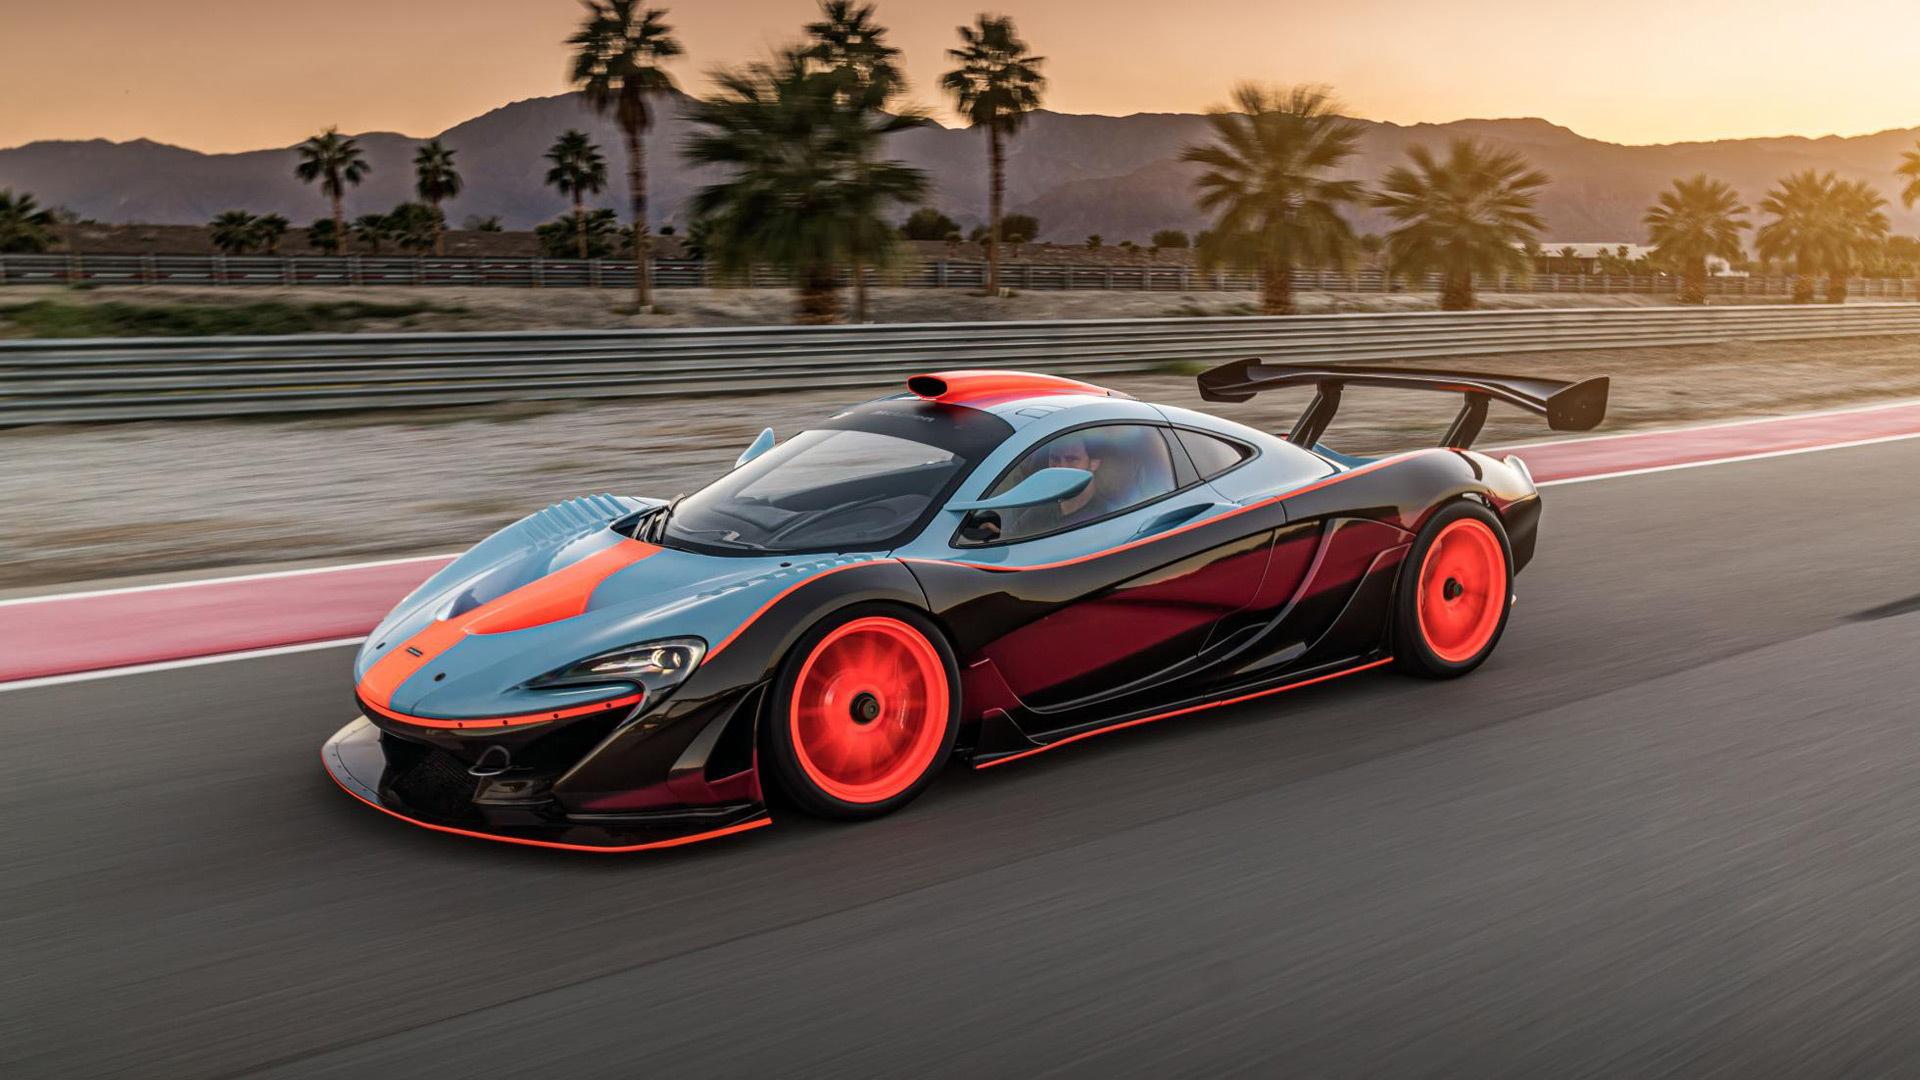 McLaren P1 GTR-18 by Lanzante